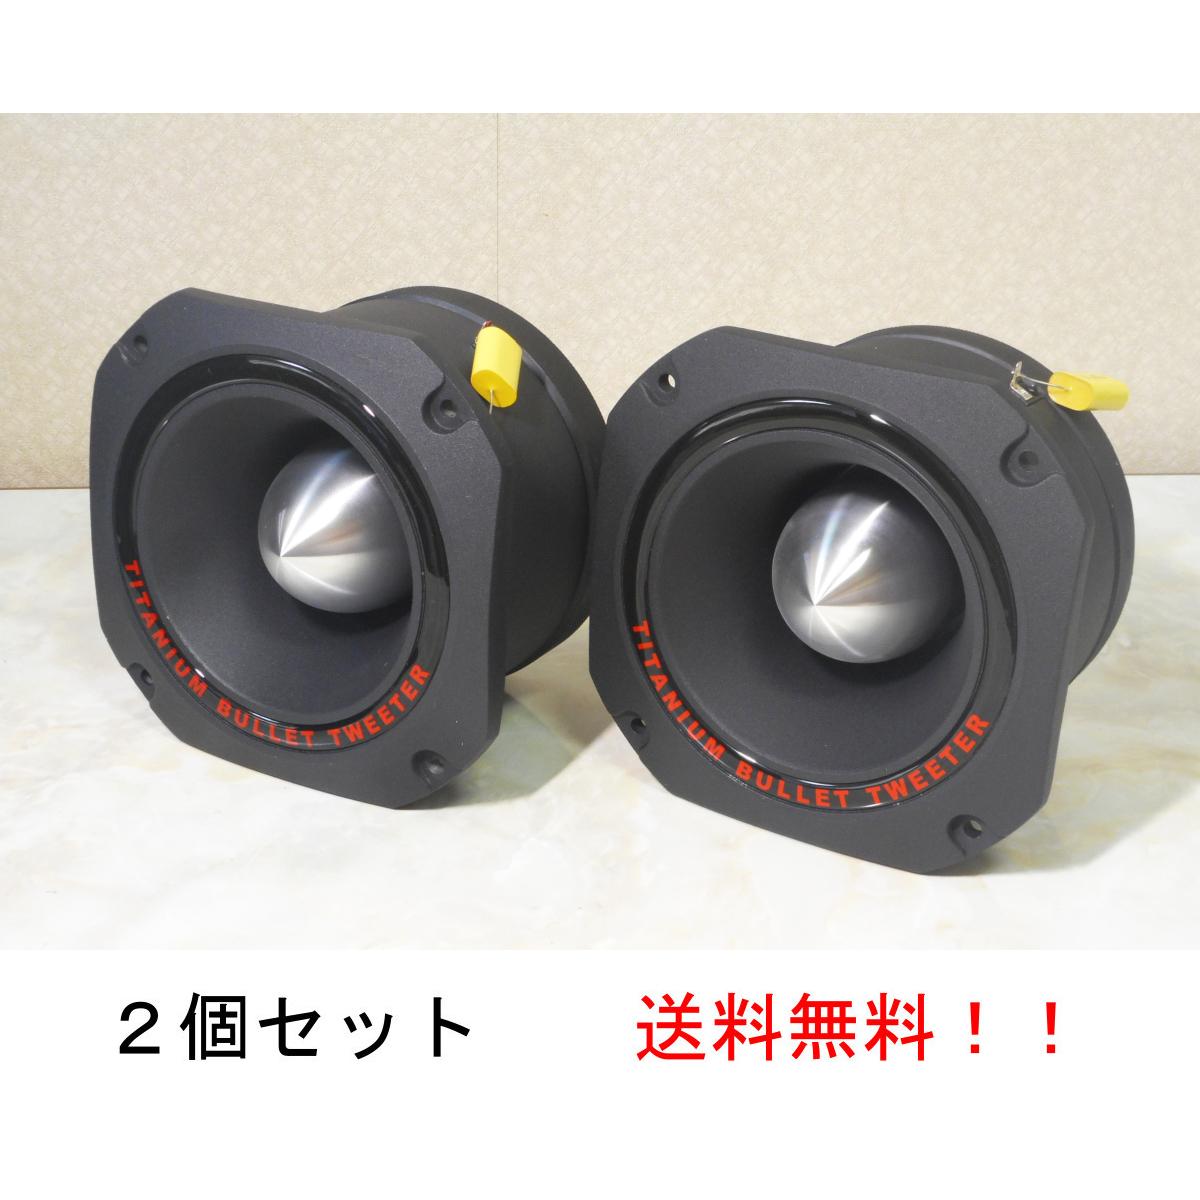 PYRAMID TW67 ツイーター ペア 3インチ チタニウムスーパーツィーター 2個セット スピーカーユニット オーディオ 送料無料